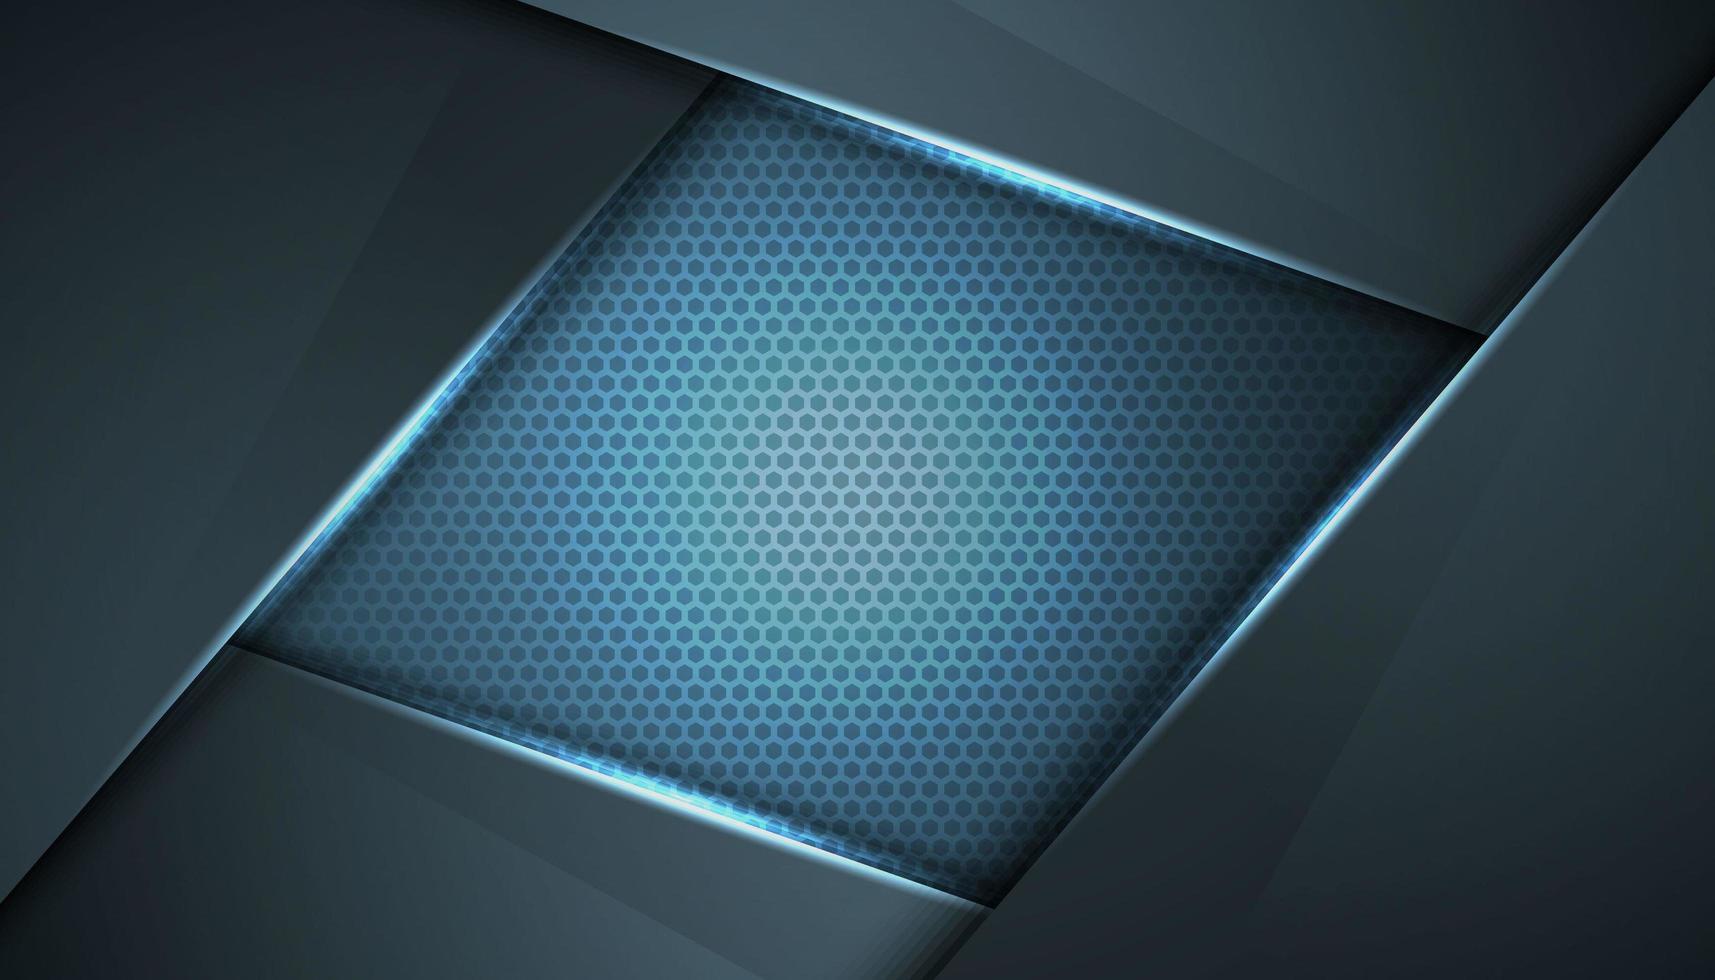 Fondo innovador marco azul gris abstracto vector